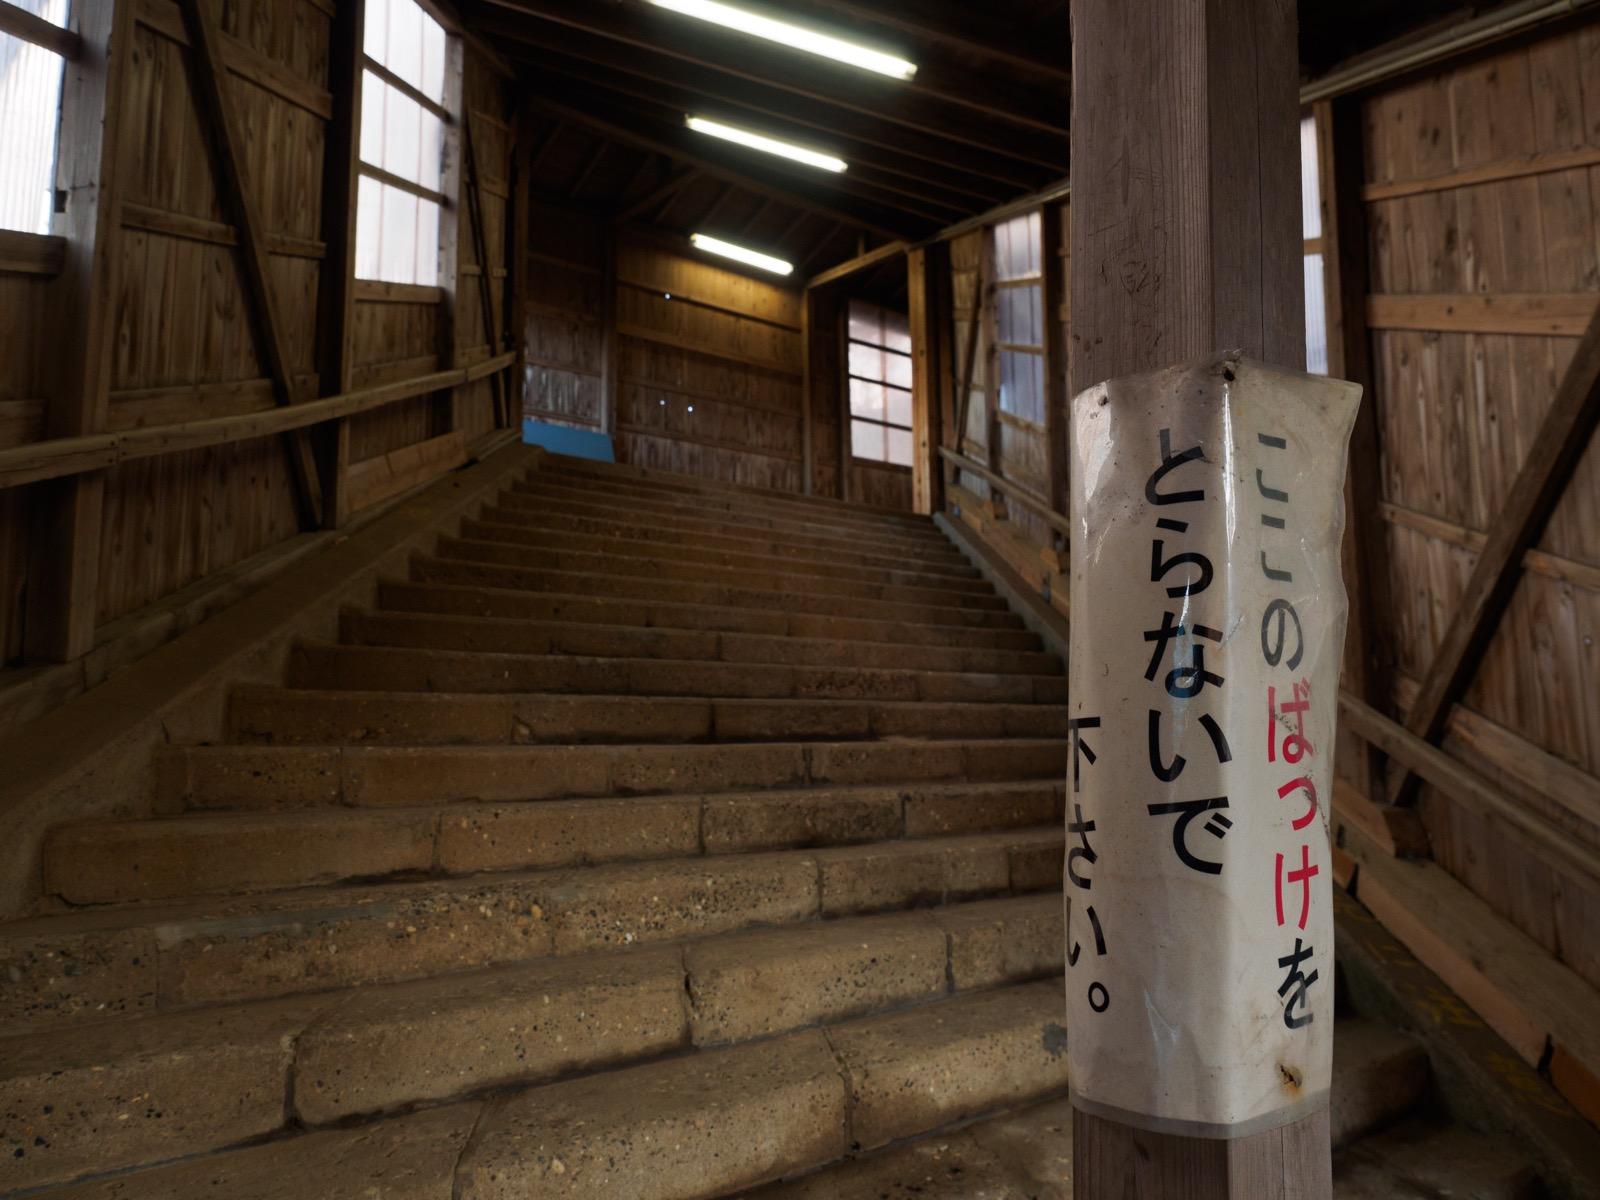 八森駅の通路にある標識「ここのばっけをとらないで下さい」